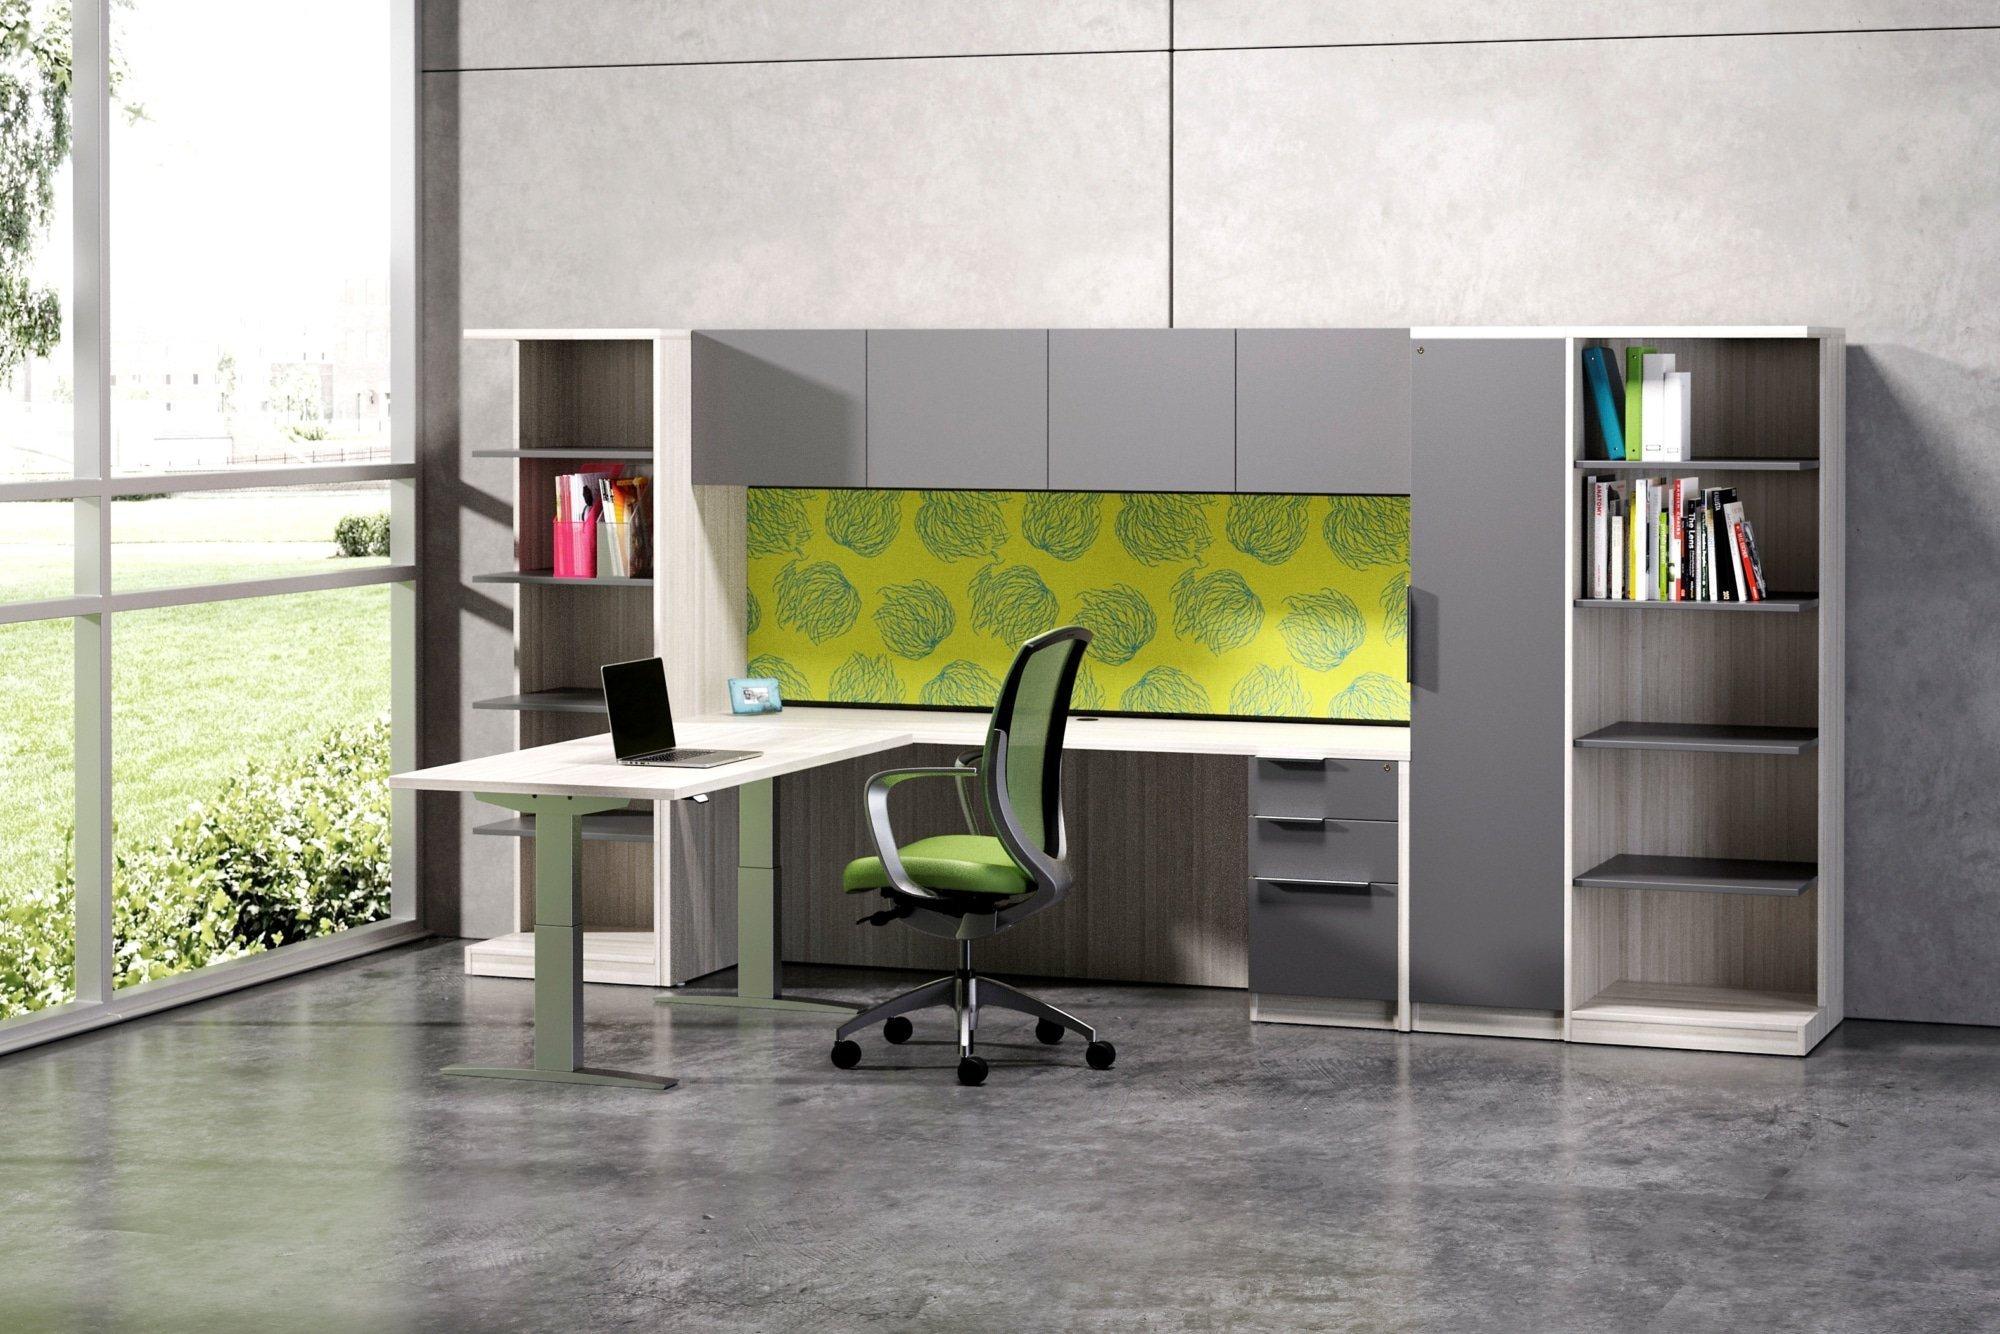 Hover Height Adjustable Desks